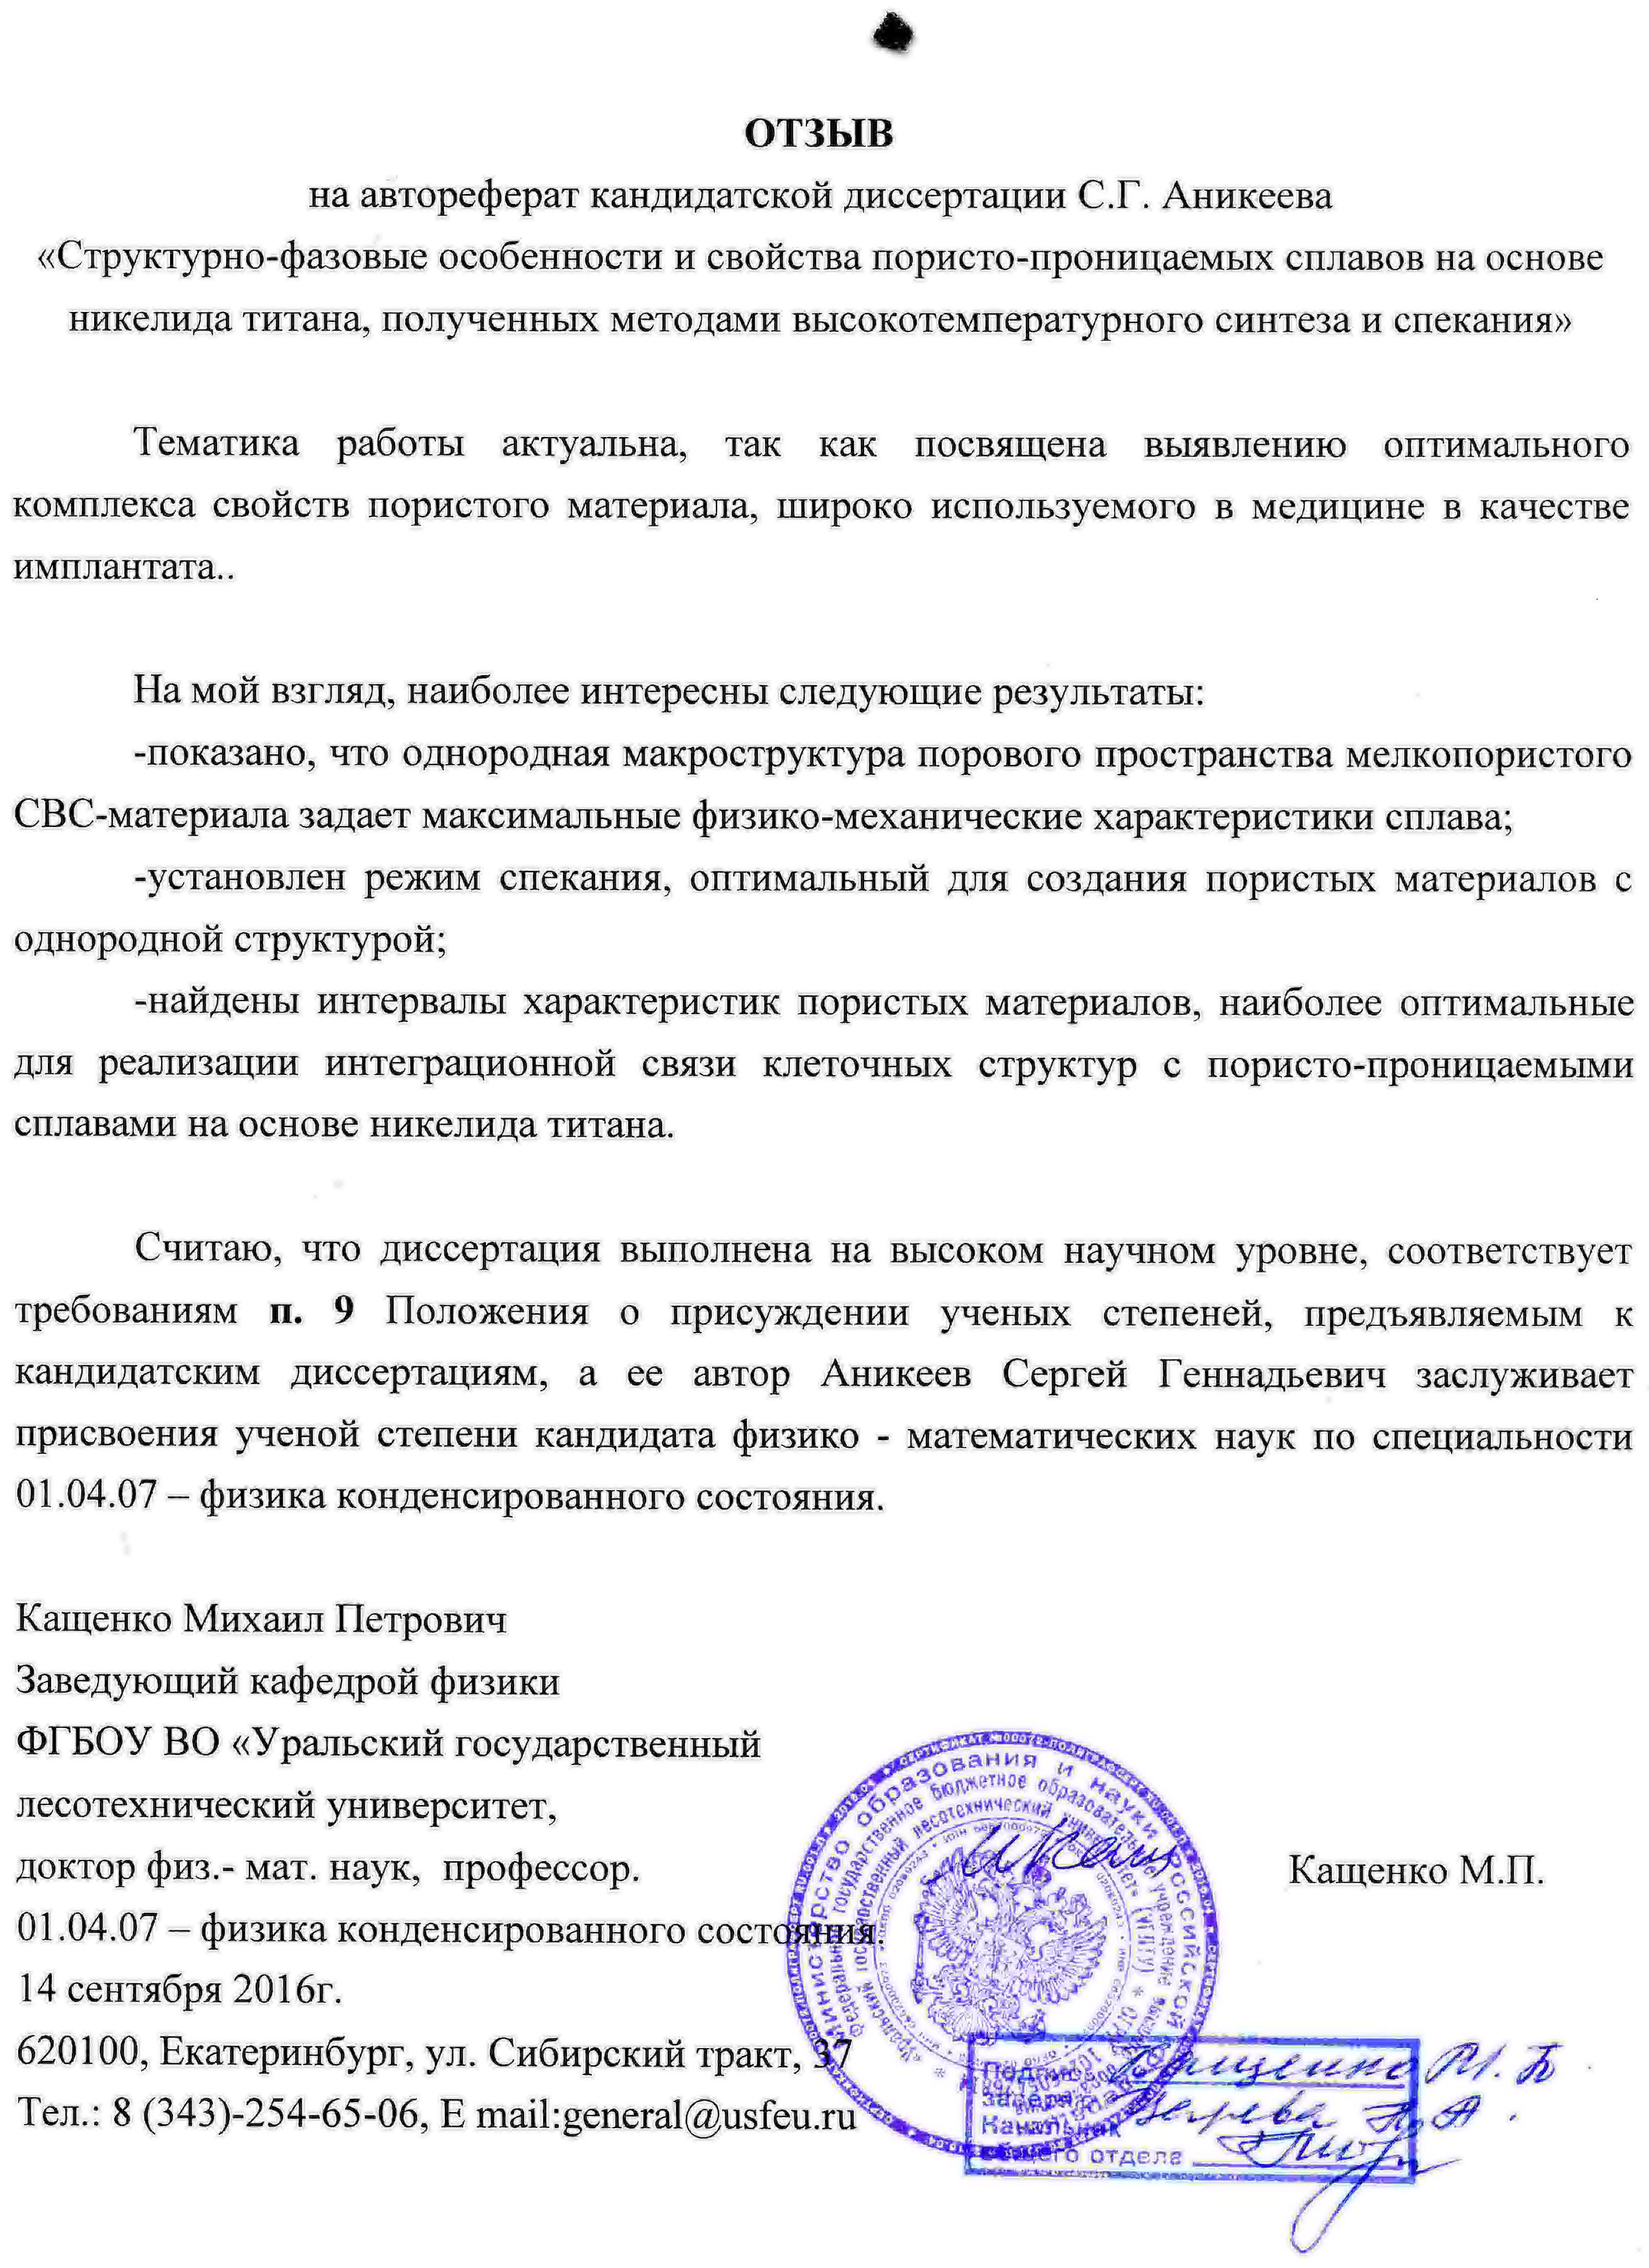 Защита диссертации Аникеева С Г Научные события Отдел   19 09 16 Отзыв Кащенко М П на автореферат